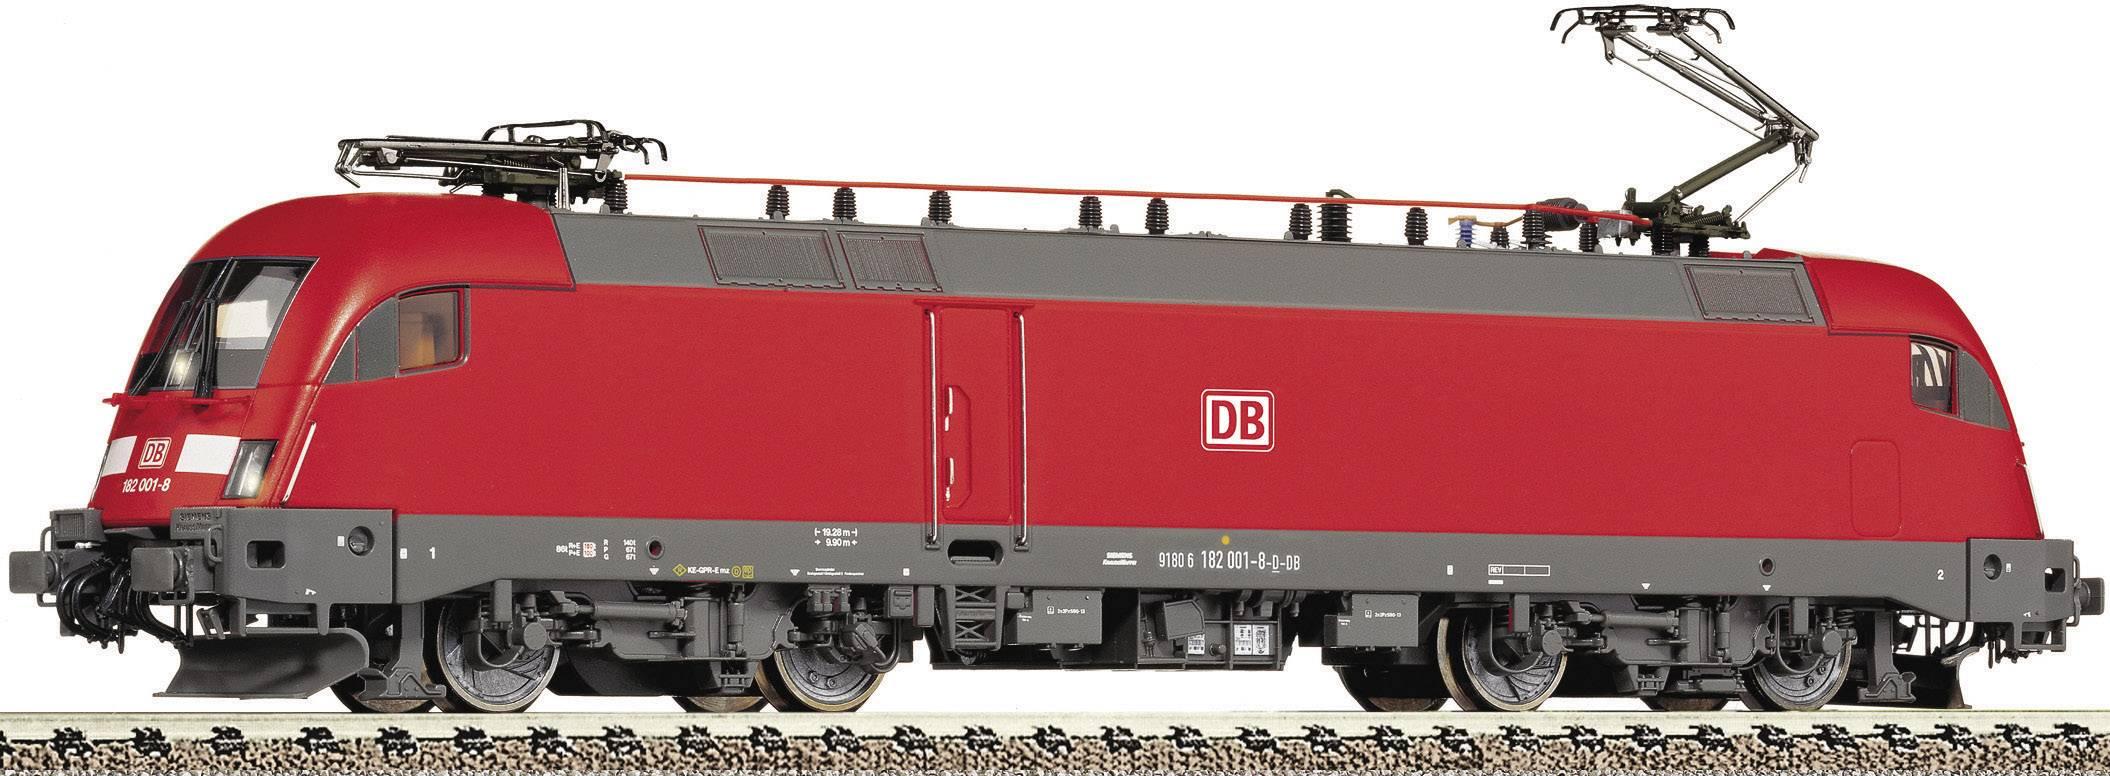 Modely železnice a příslušenství